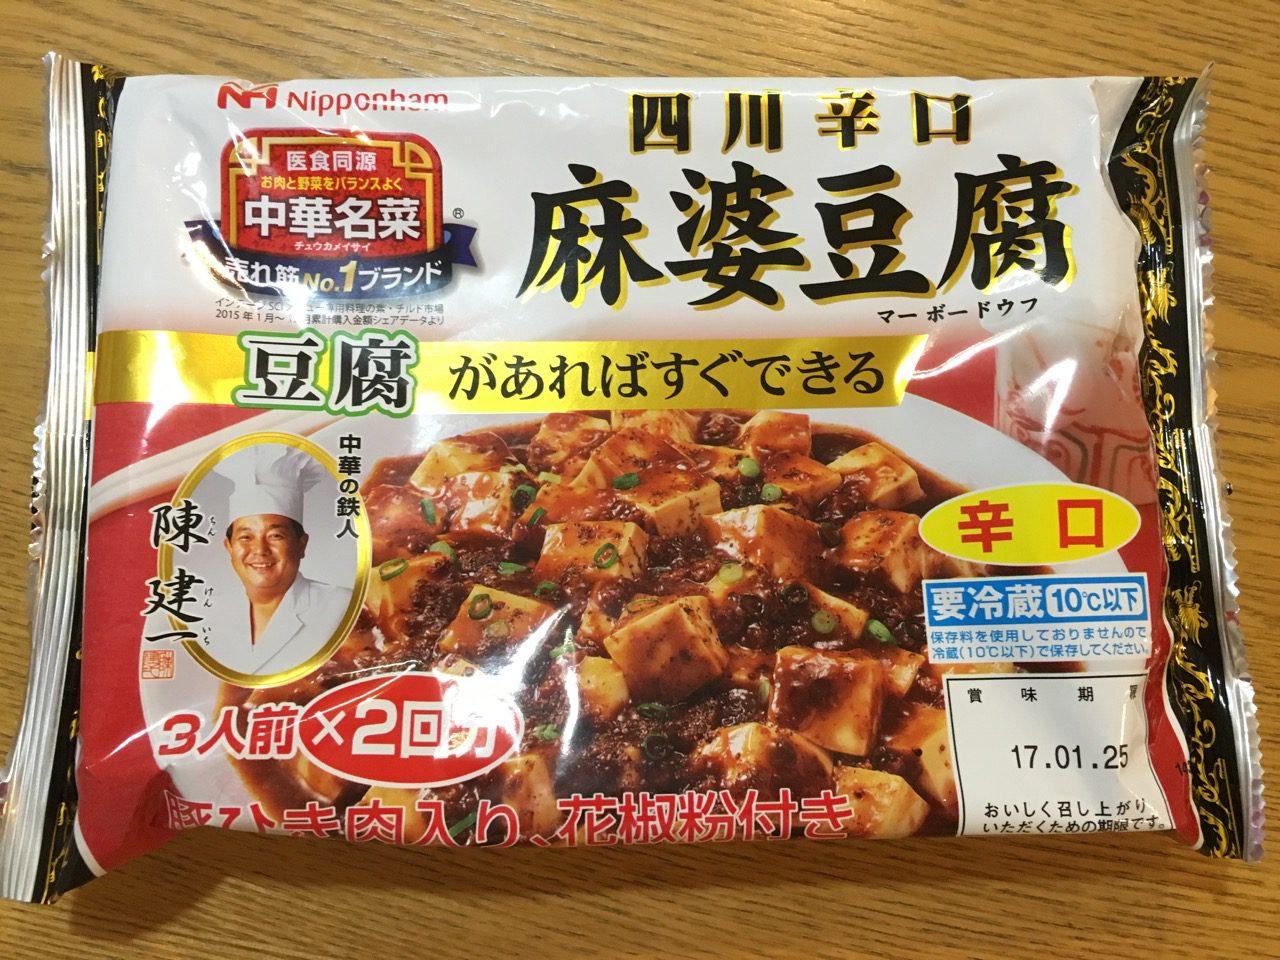 中華名菜の四川辛口麻婆豆腐がすばらしい!